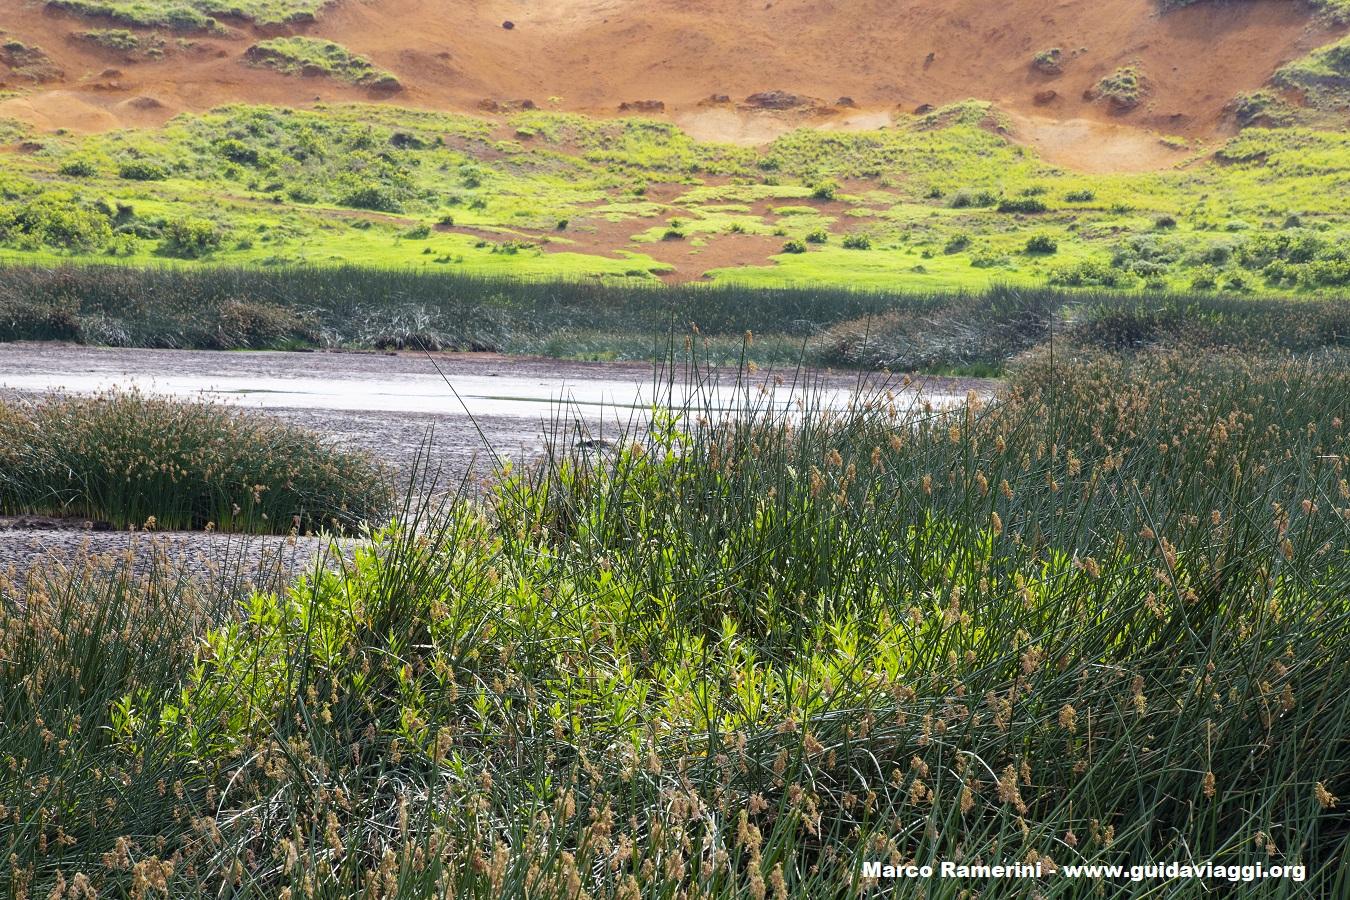 El interior del cráter Rano Raraku, Isla de Pascua, Chile. Autor y Copyright Marco Ramerini